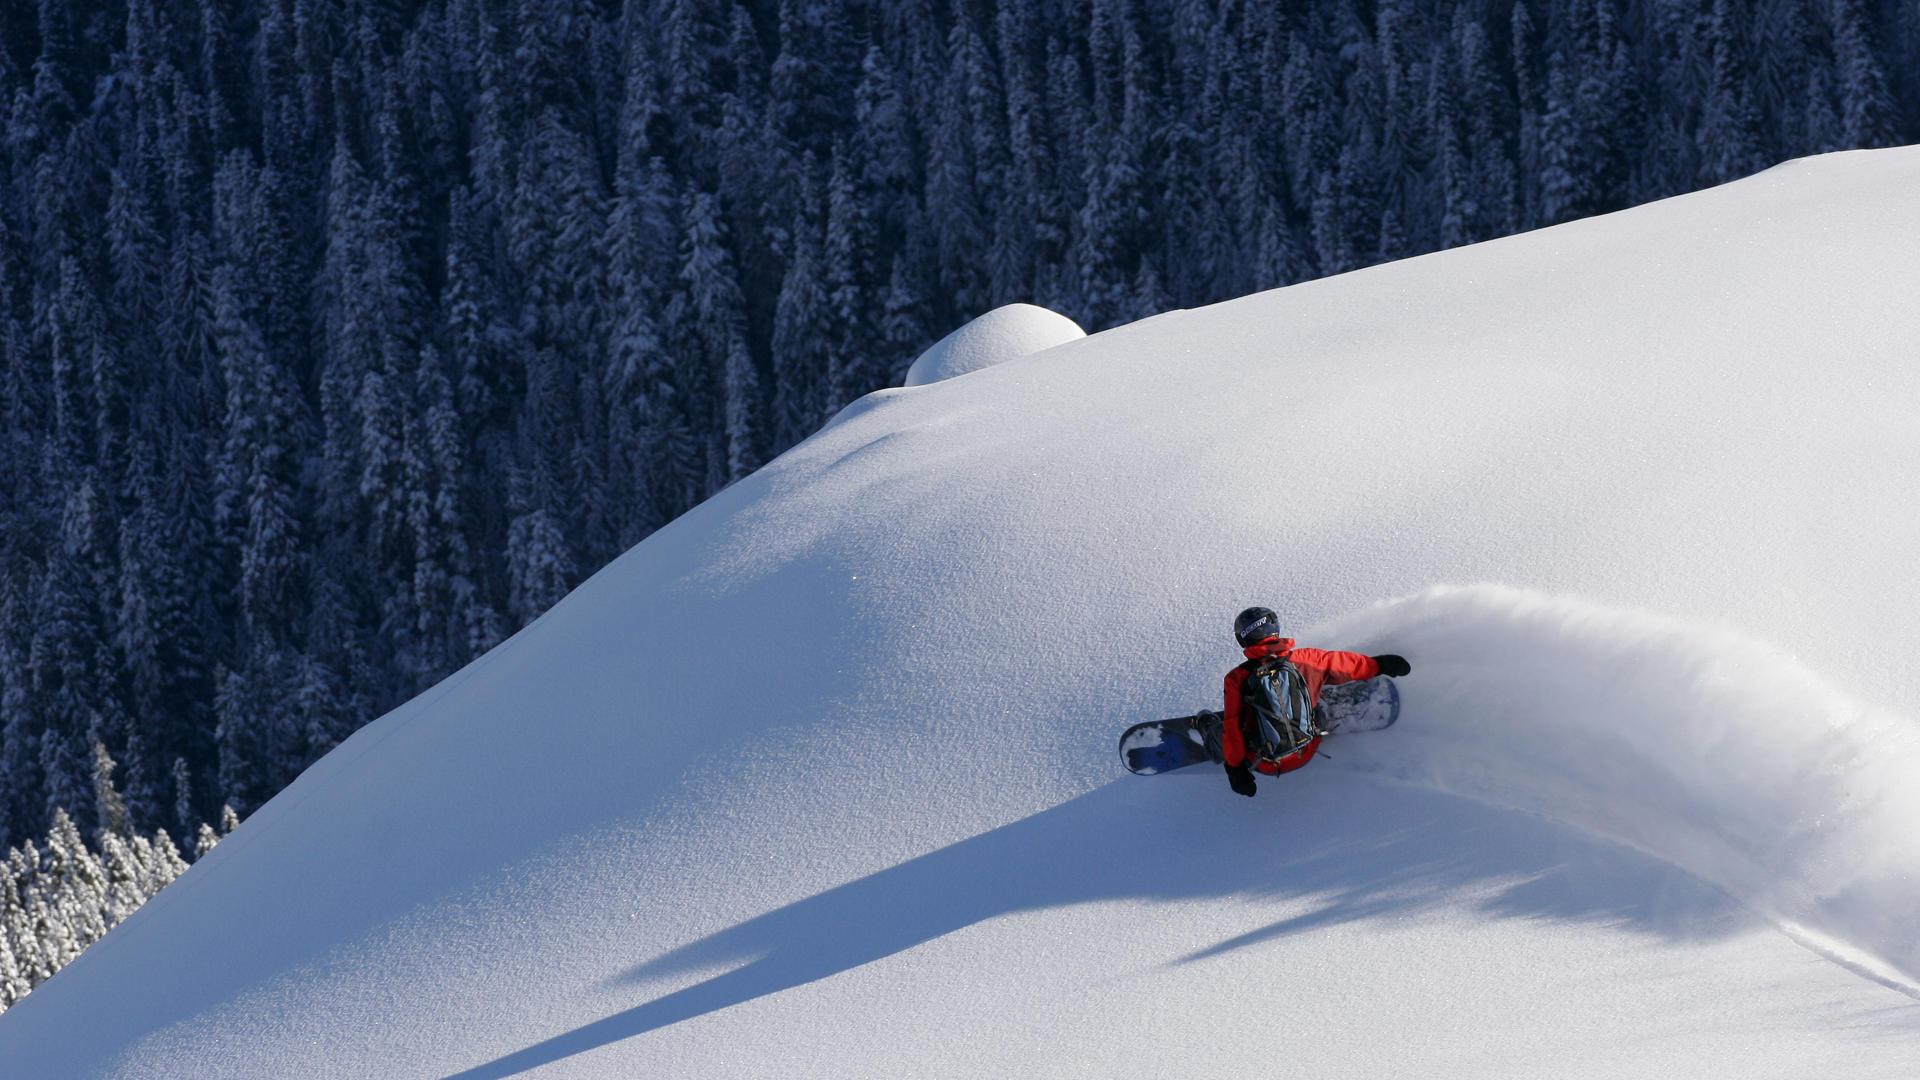 modifier Un snowboarder qui pratique le Jib Le snowboard, surf des neiges, planche à neige au Canada ou encore planche de neige, est un sport de glisse sur neige.